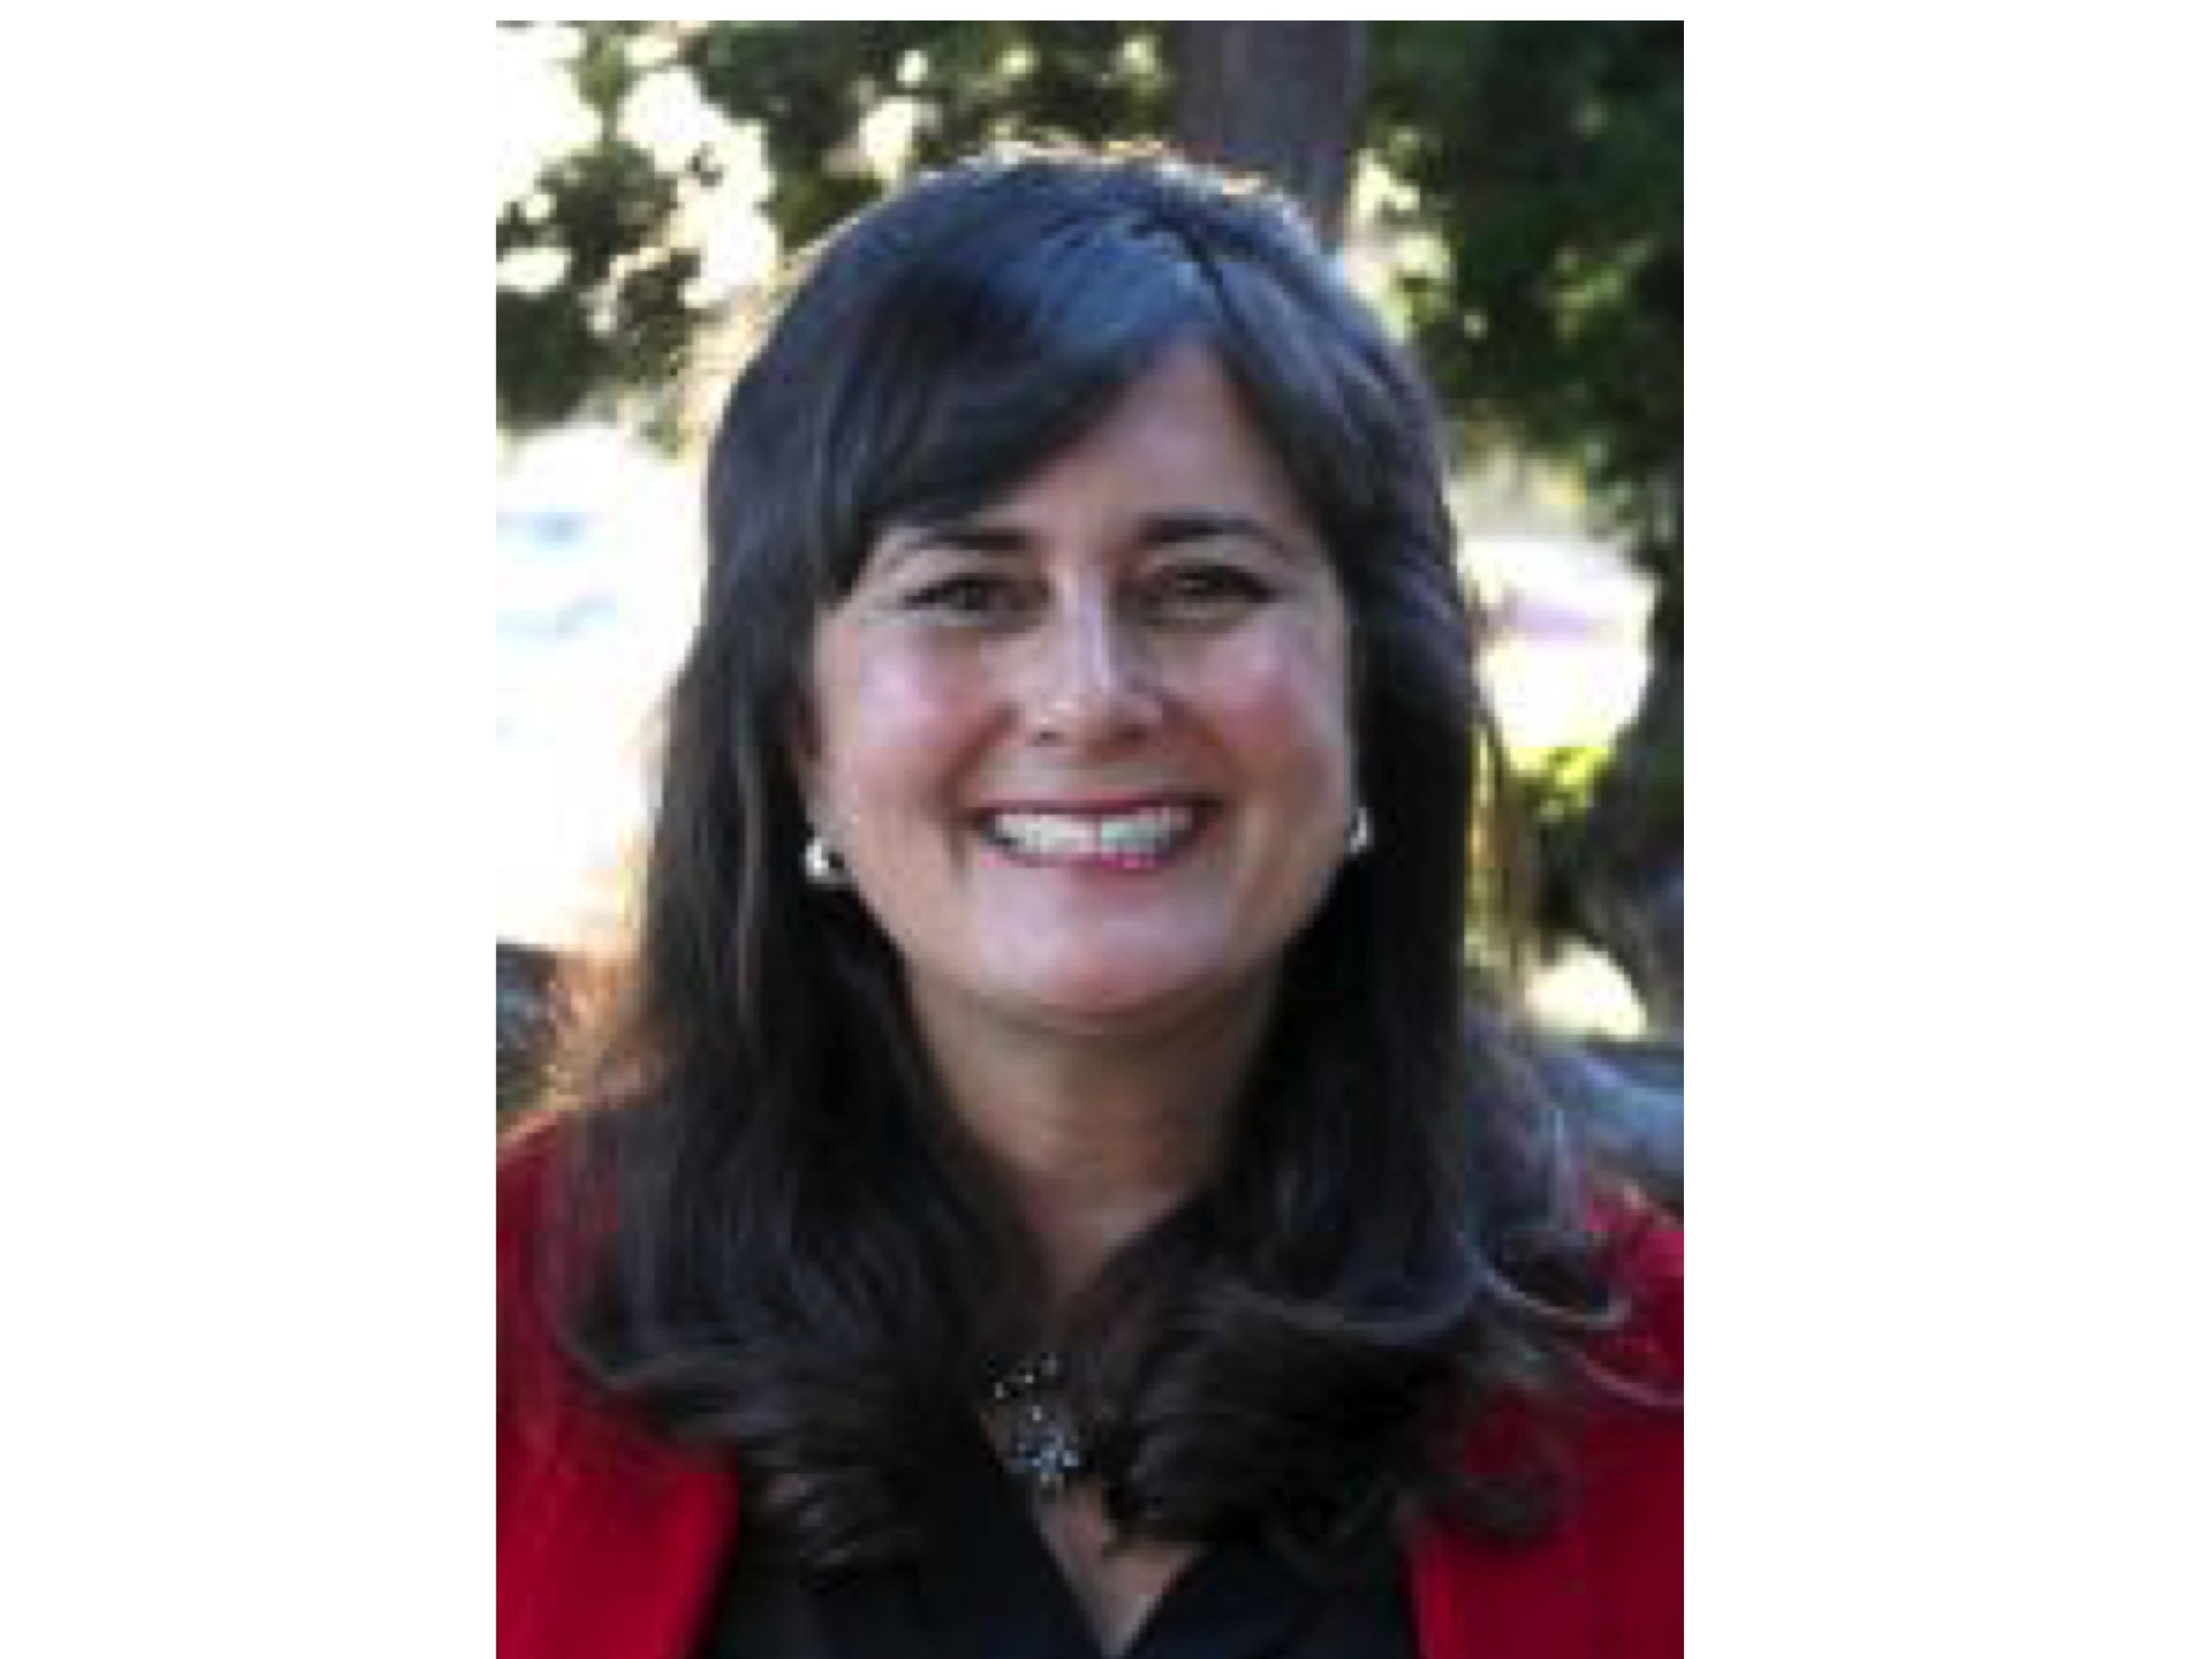 School board candidate: Melissa Baten Caswell